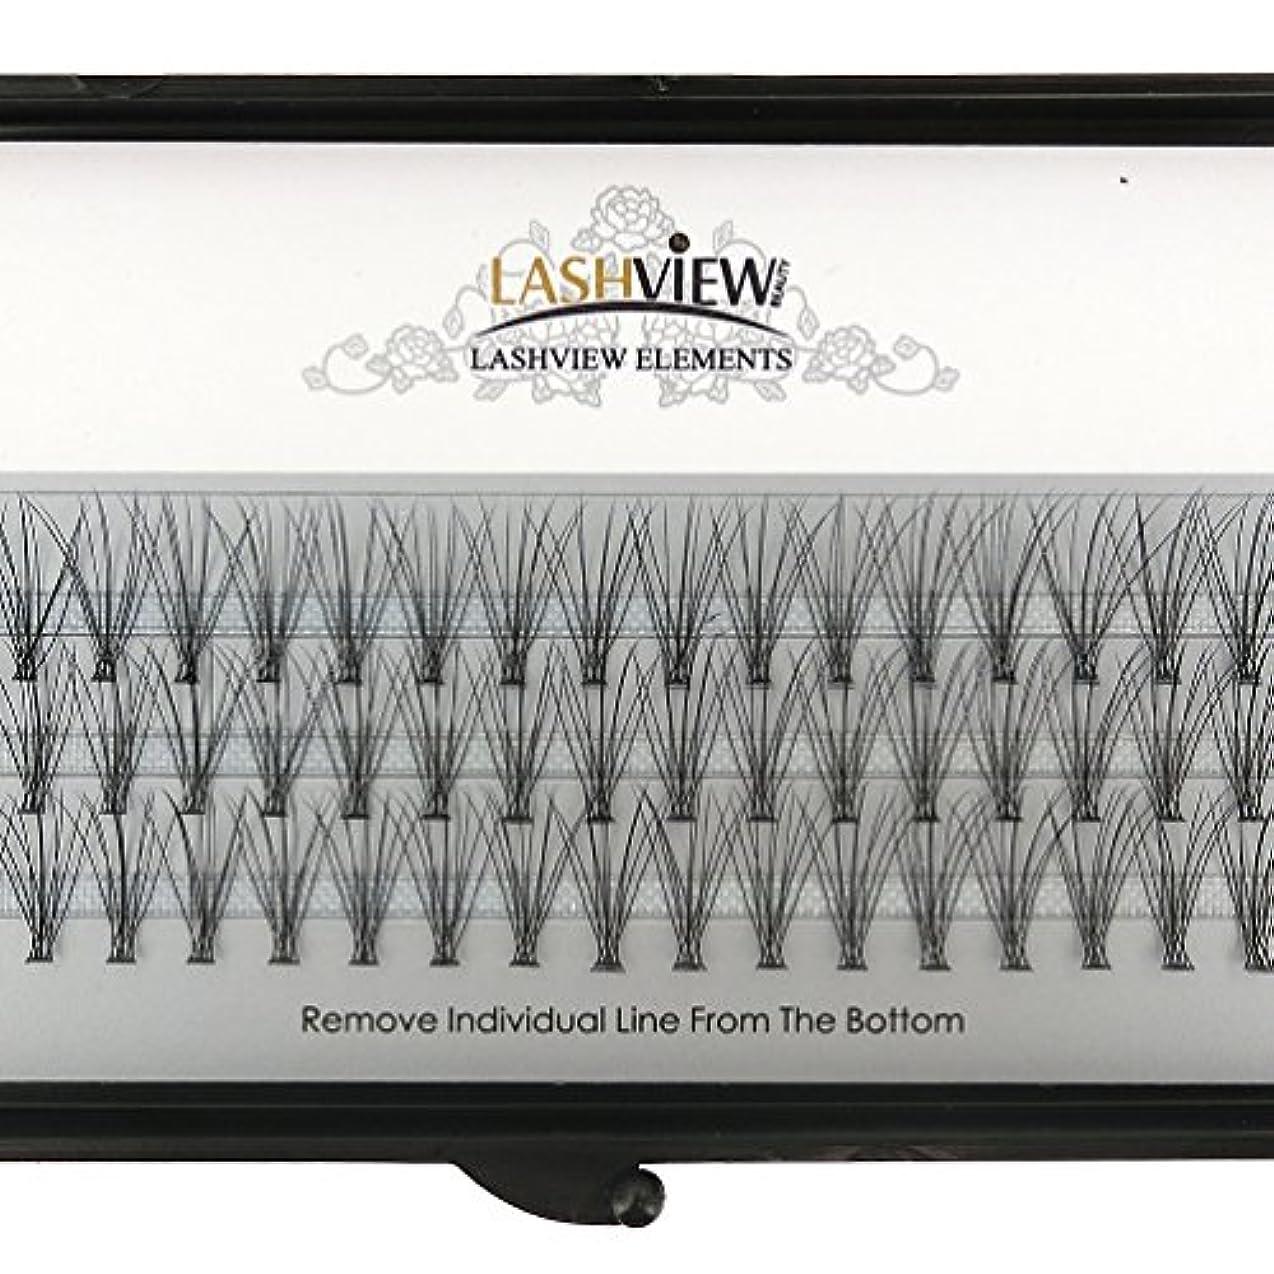 差ナプキン浸食LASHVIEW 高品質まつげエクステフレア セルフ用 超極細素材 太さ0.07mm 12mm Cカール マツエク10本束